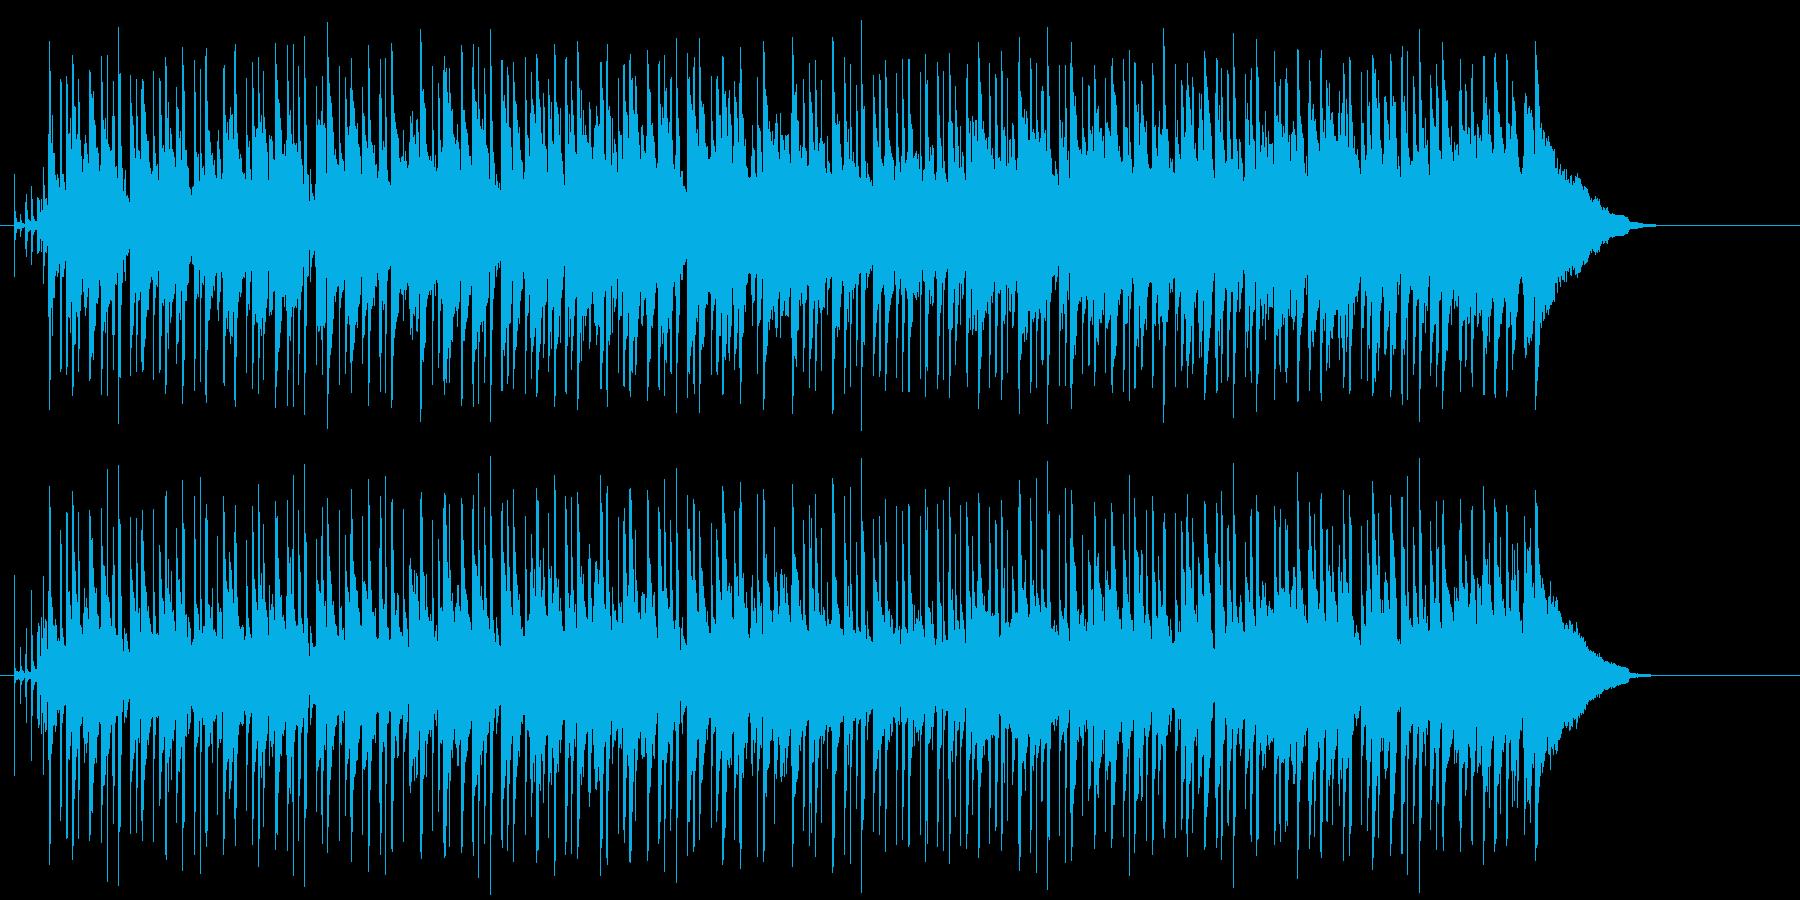 午後の楽しいひとときを過ごす様なボサノバの再生済みの波形